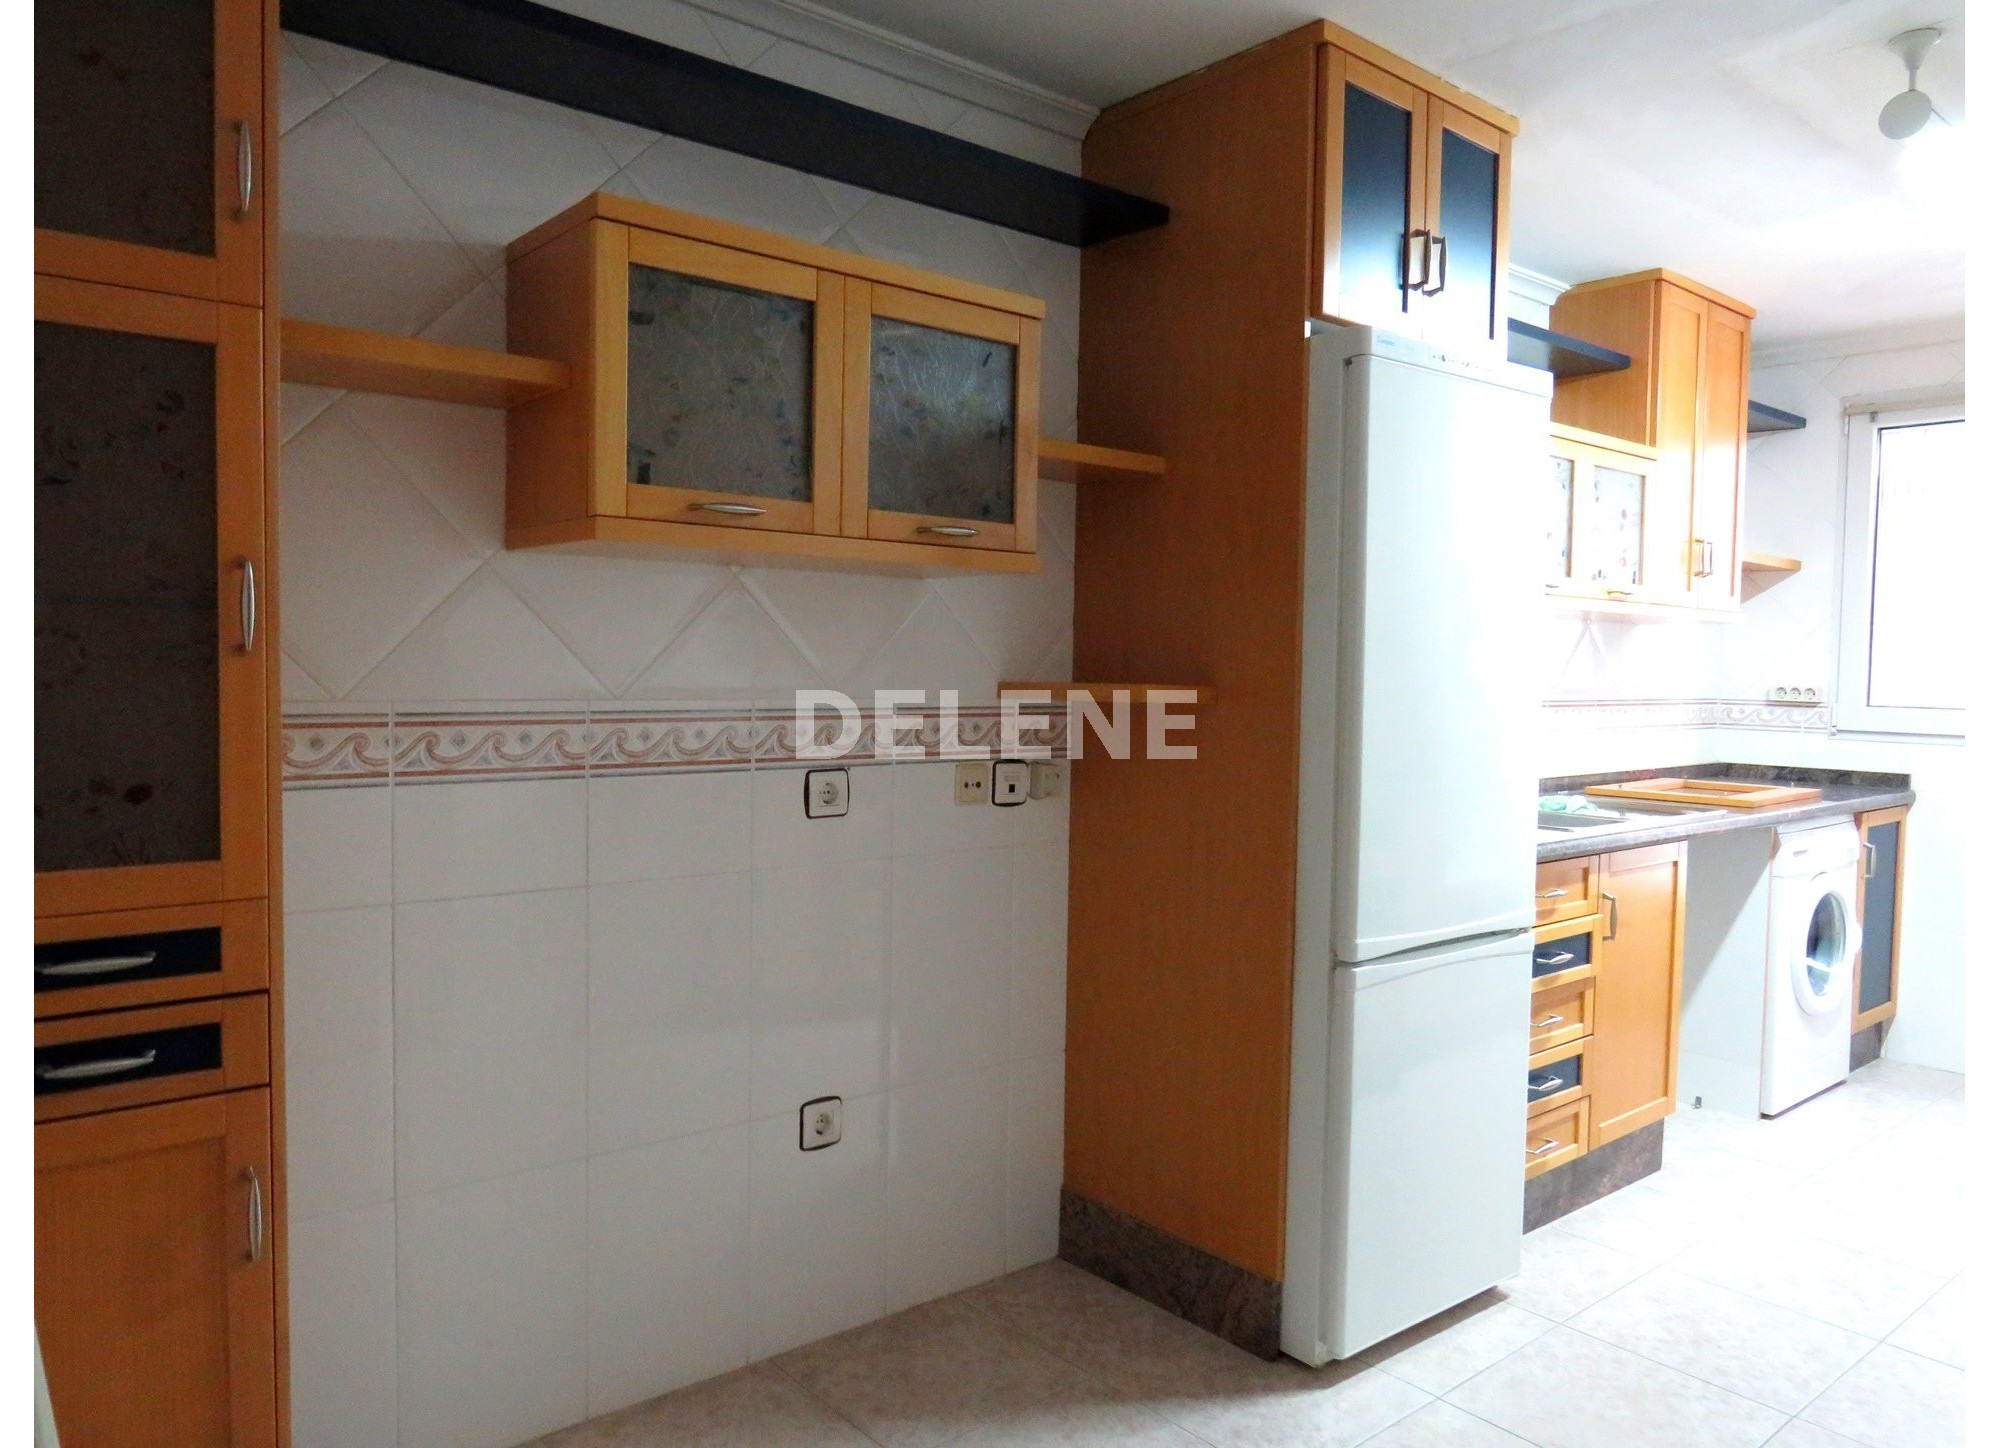 1754 PISO DE 127 m2 CON GARAJE, ZONA CRUZ DE LOS CAÍDOS